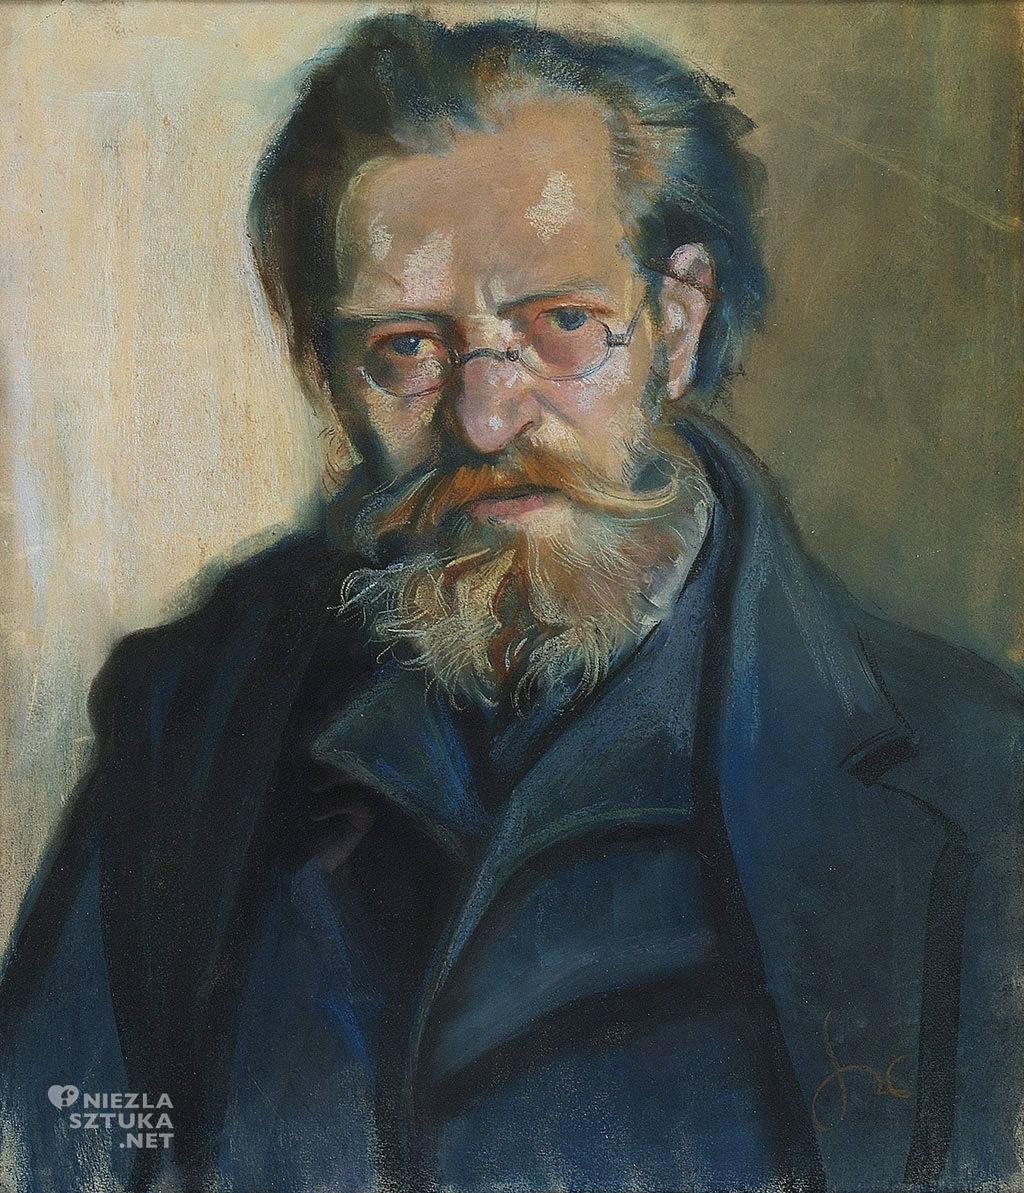 Ojciec Stanisława Wyspiańskiego, Franciszek Wyspiański, rzeźbiarz, Niezła sztuka